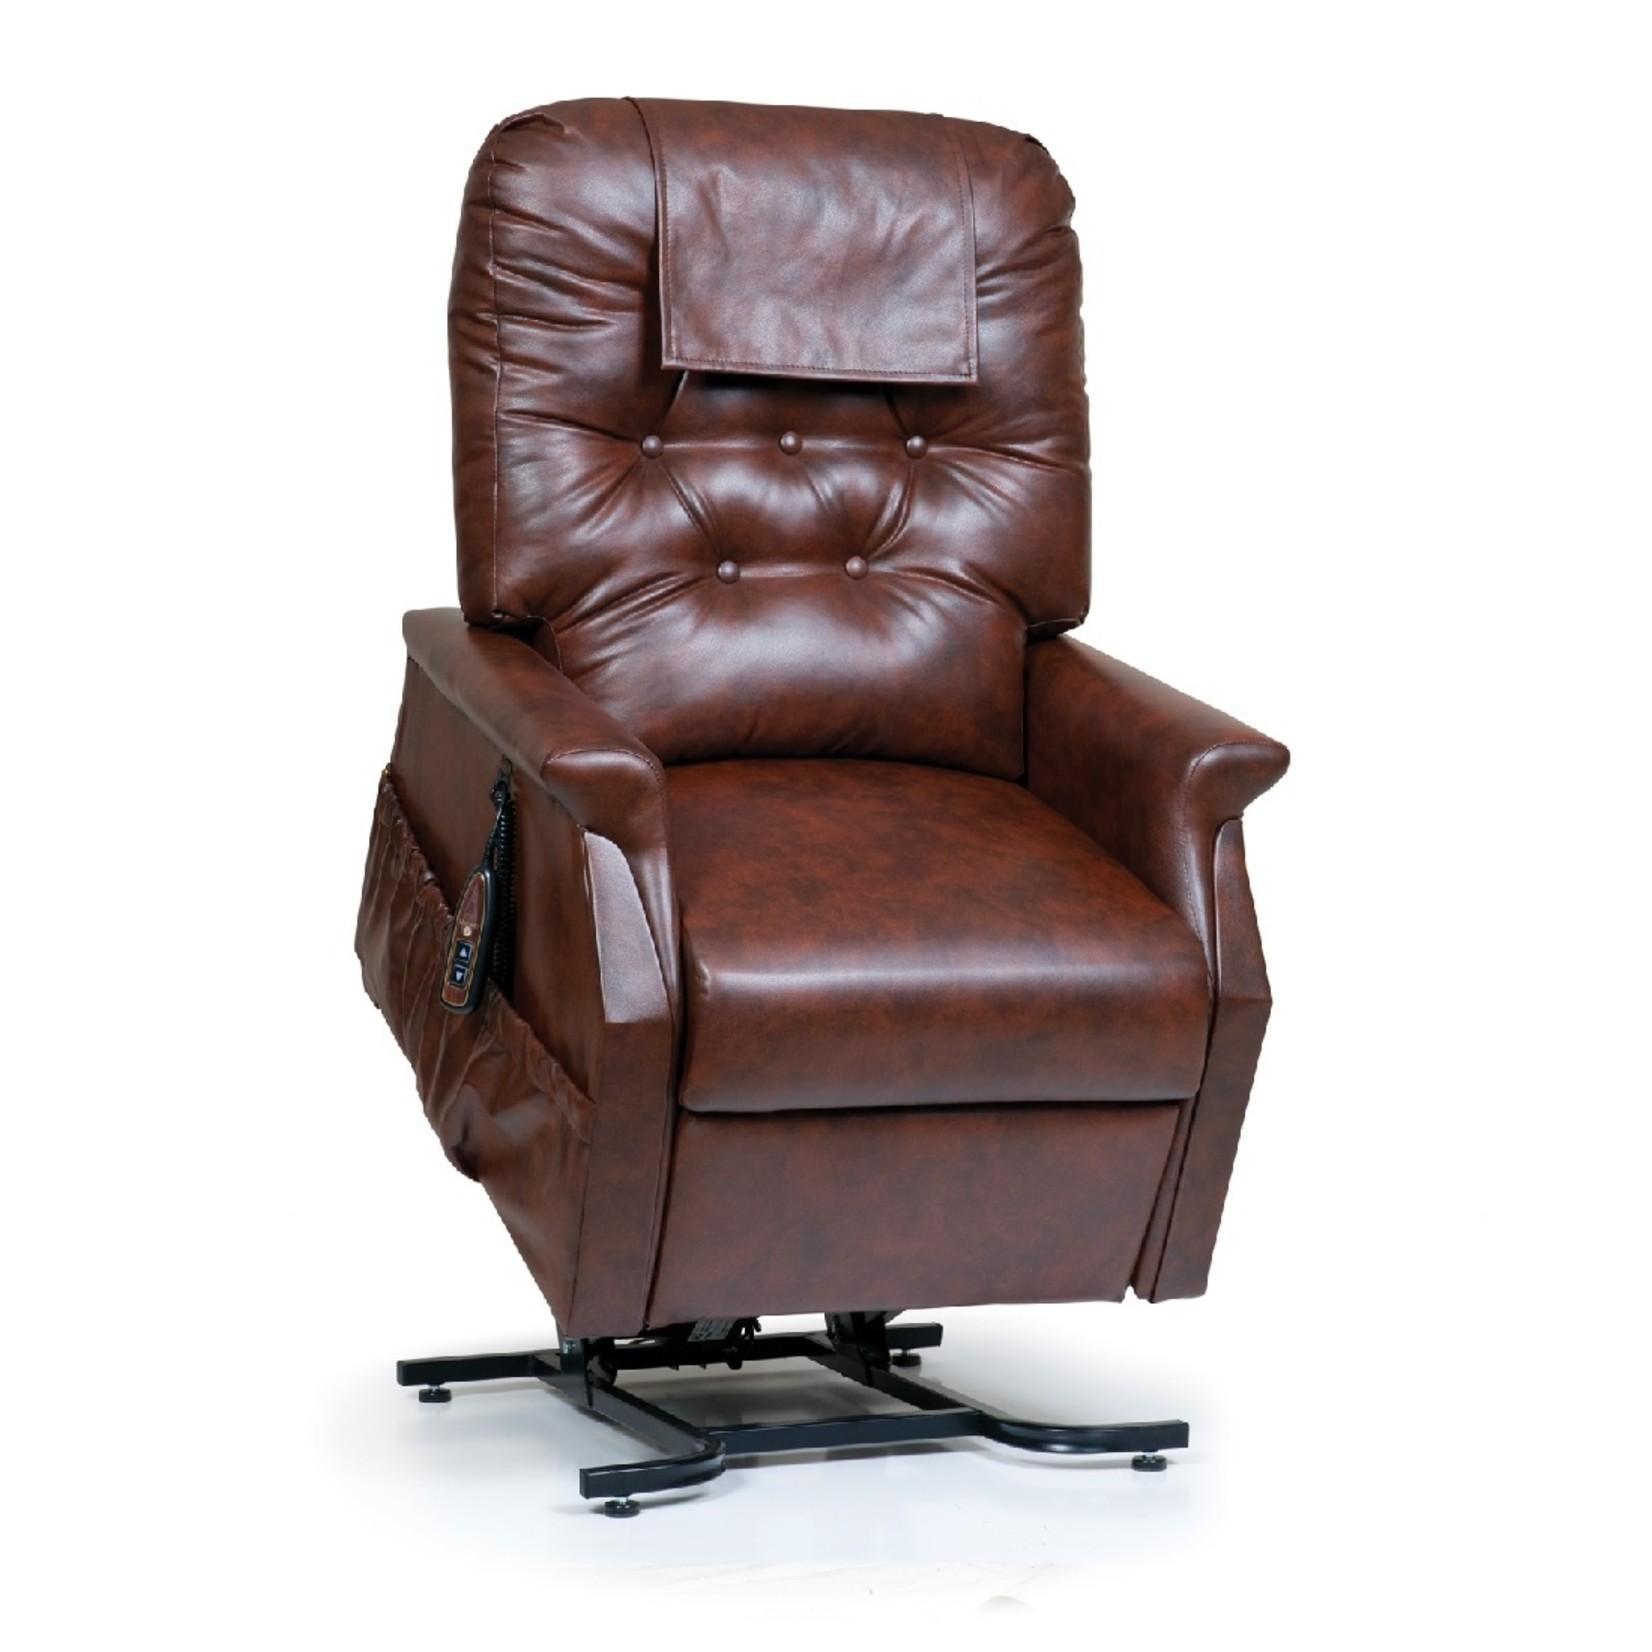 Golden Technologies Capri Recliner Chair